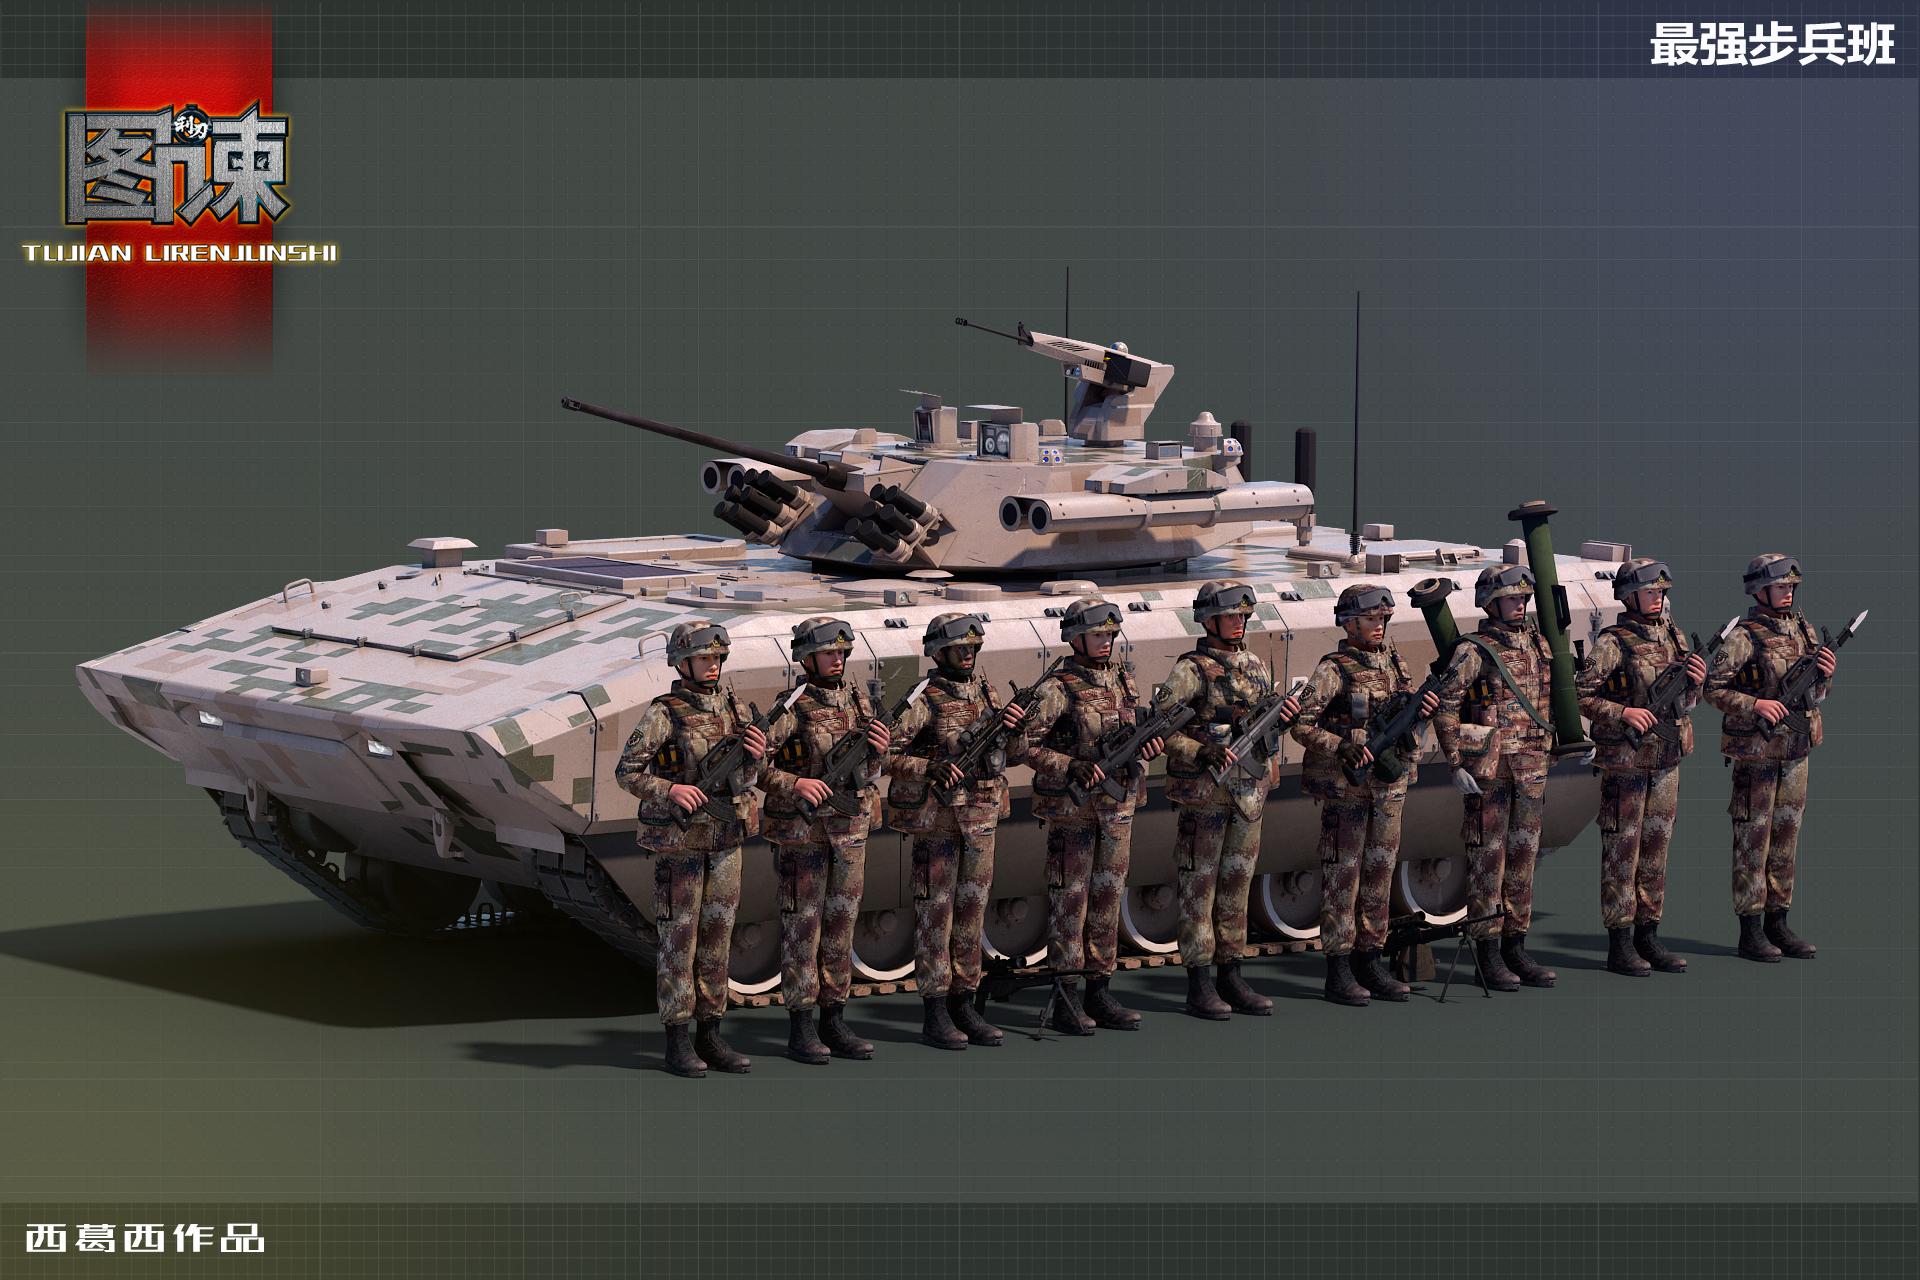 图谏CG:中国最强陆军步兵班 铁脚板与吃苦耐劳世界第一